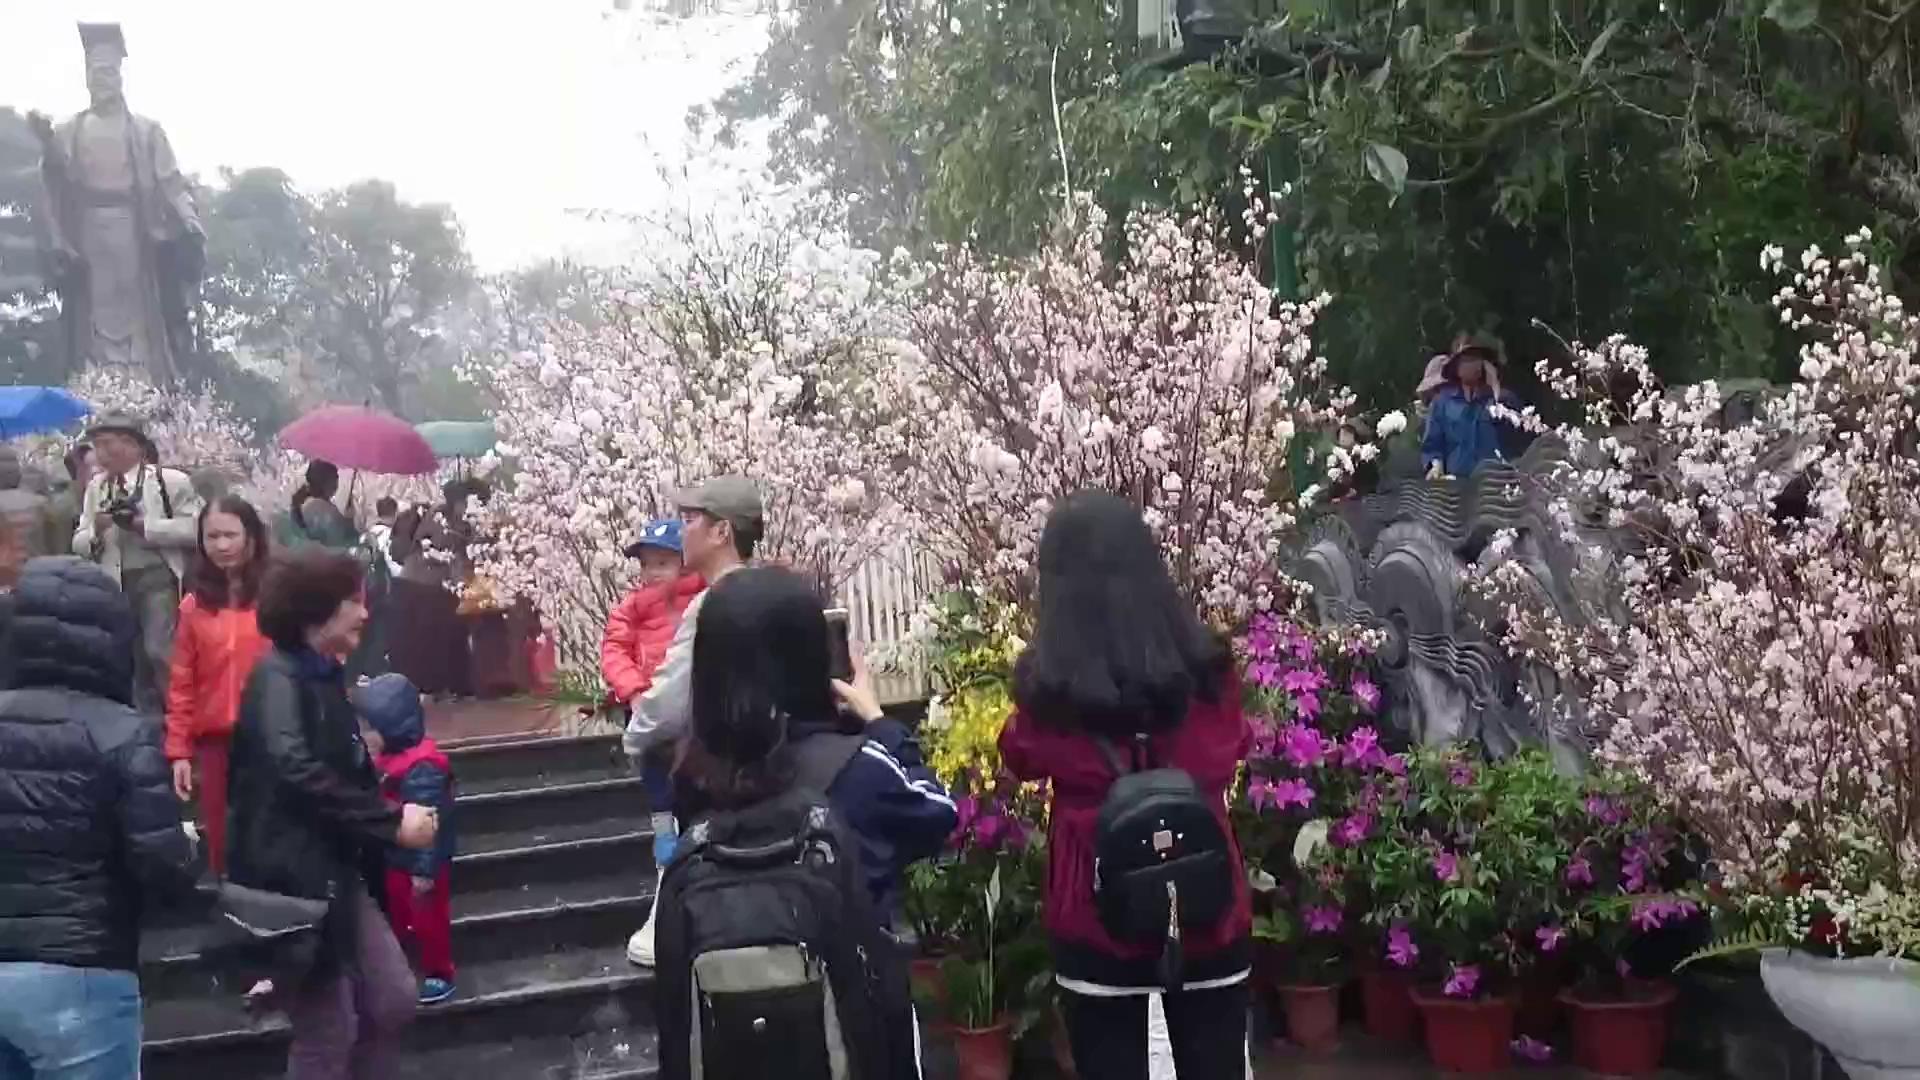 Ngắm hoa anh đào Nhật Bản nở rộ trong mưa xuân Hà Nội